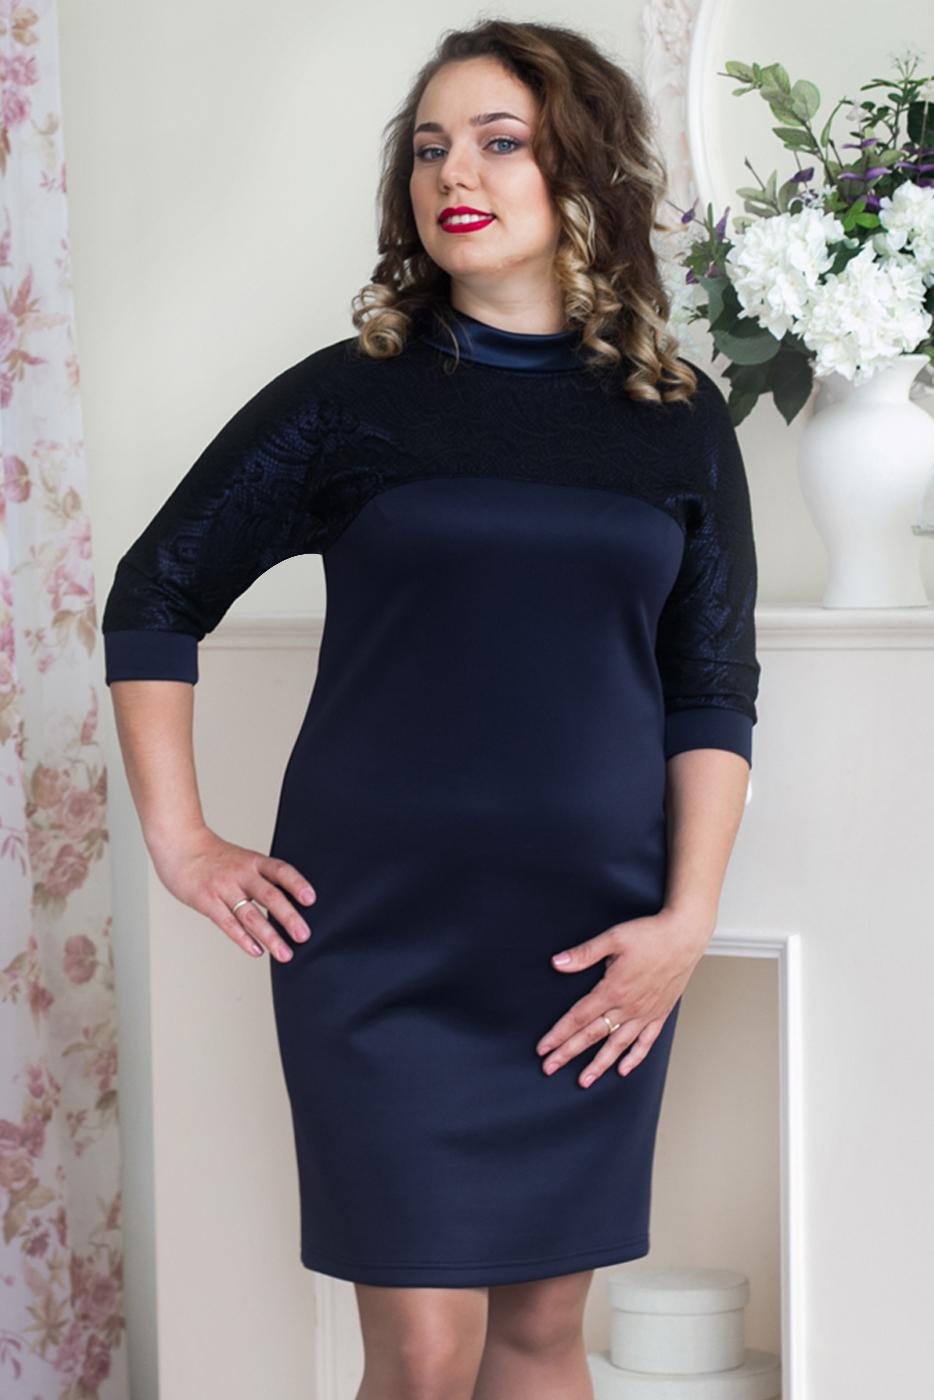 ПлатьеПлатья<br>Наряджное женское платье с интересной горловиной и рукавами 3/4. Модель выполнена из однотонного трикотажа и ажурного гипюра. Отличный выбор для любого торжества.  Цвет: синий, черный  Рост девушки-фотомодели 164 см.<br><br>По образу: Свидание,Выход в свет,Город<br>По стилю: Повседневный стиль,Нарядный стиль<br>По материалу: Гипюр,Трикотаж<br>По рисунку: Однотонные<br>По сезону: Лето,Осень,Весна,Всесезон,Зима<br>По силуэту: Полуприталенные<br>По элементам: С декором<br>По форме: Платье - футляр<br>По длине: До колена<br>Воротник: Фантазийный<br>Рукав: Рукав три четверти<br>Размер: 48,50,52,54,56<br>Материал: 90% полиэстер 10% лайкра<br>Количество в наличии: 2